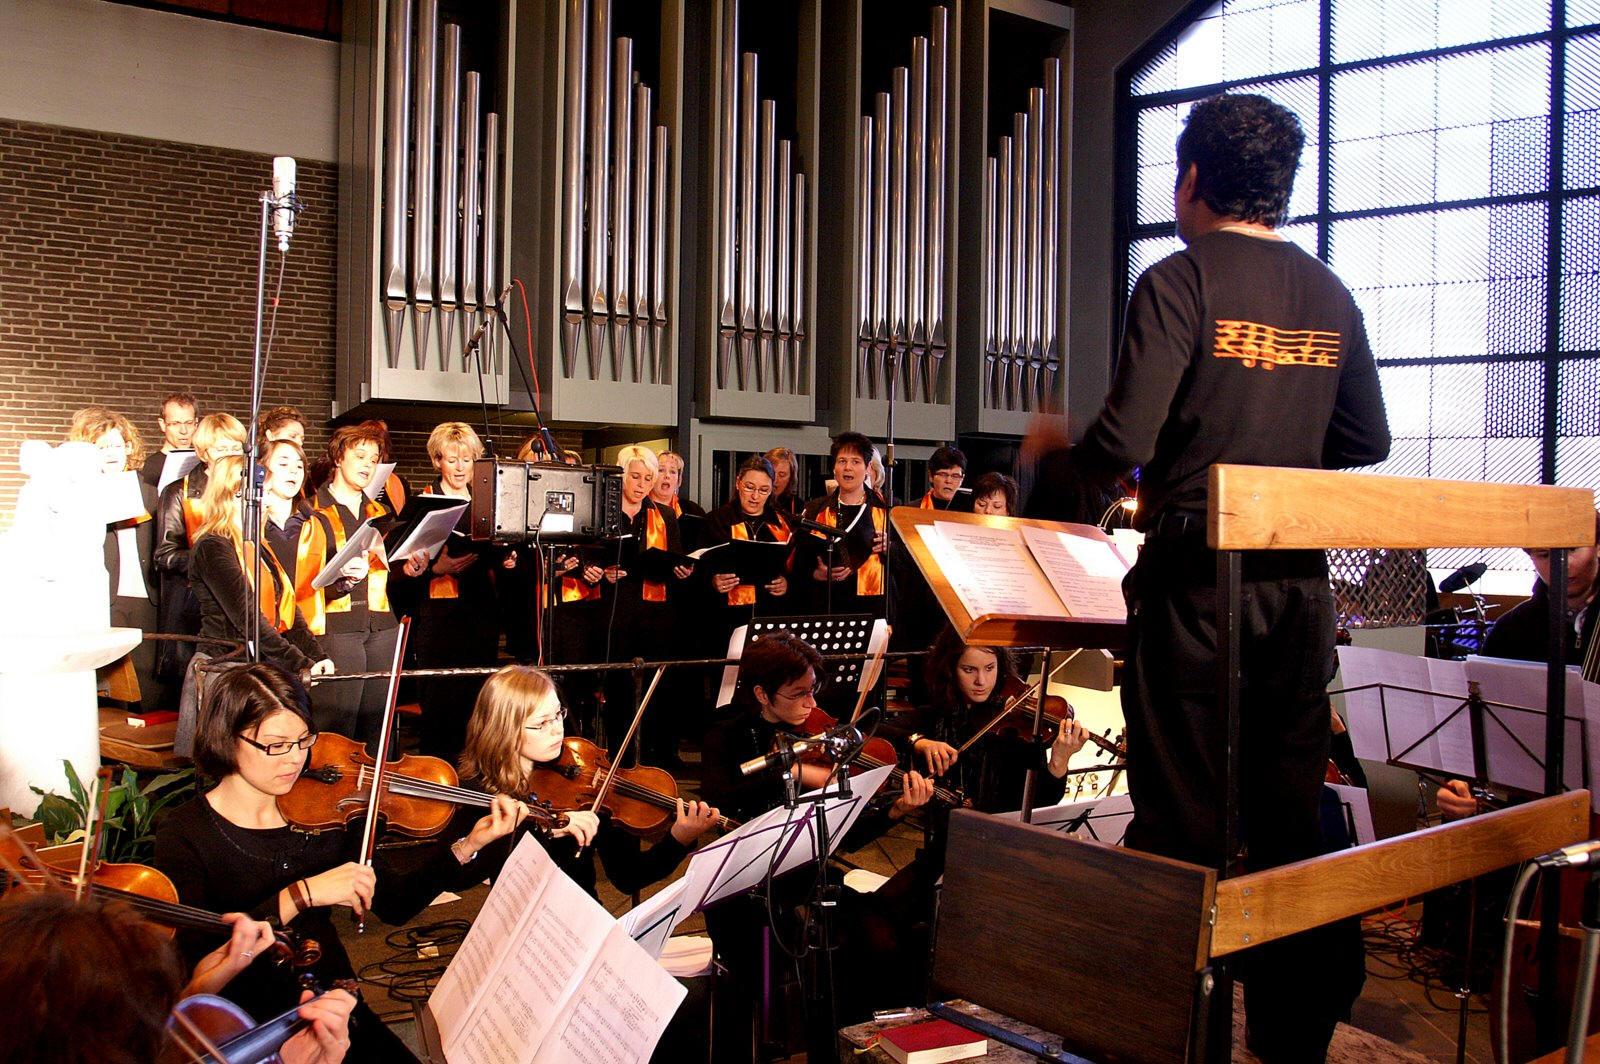 Russischer Chor Dienstag Dezember 2009